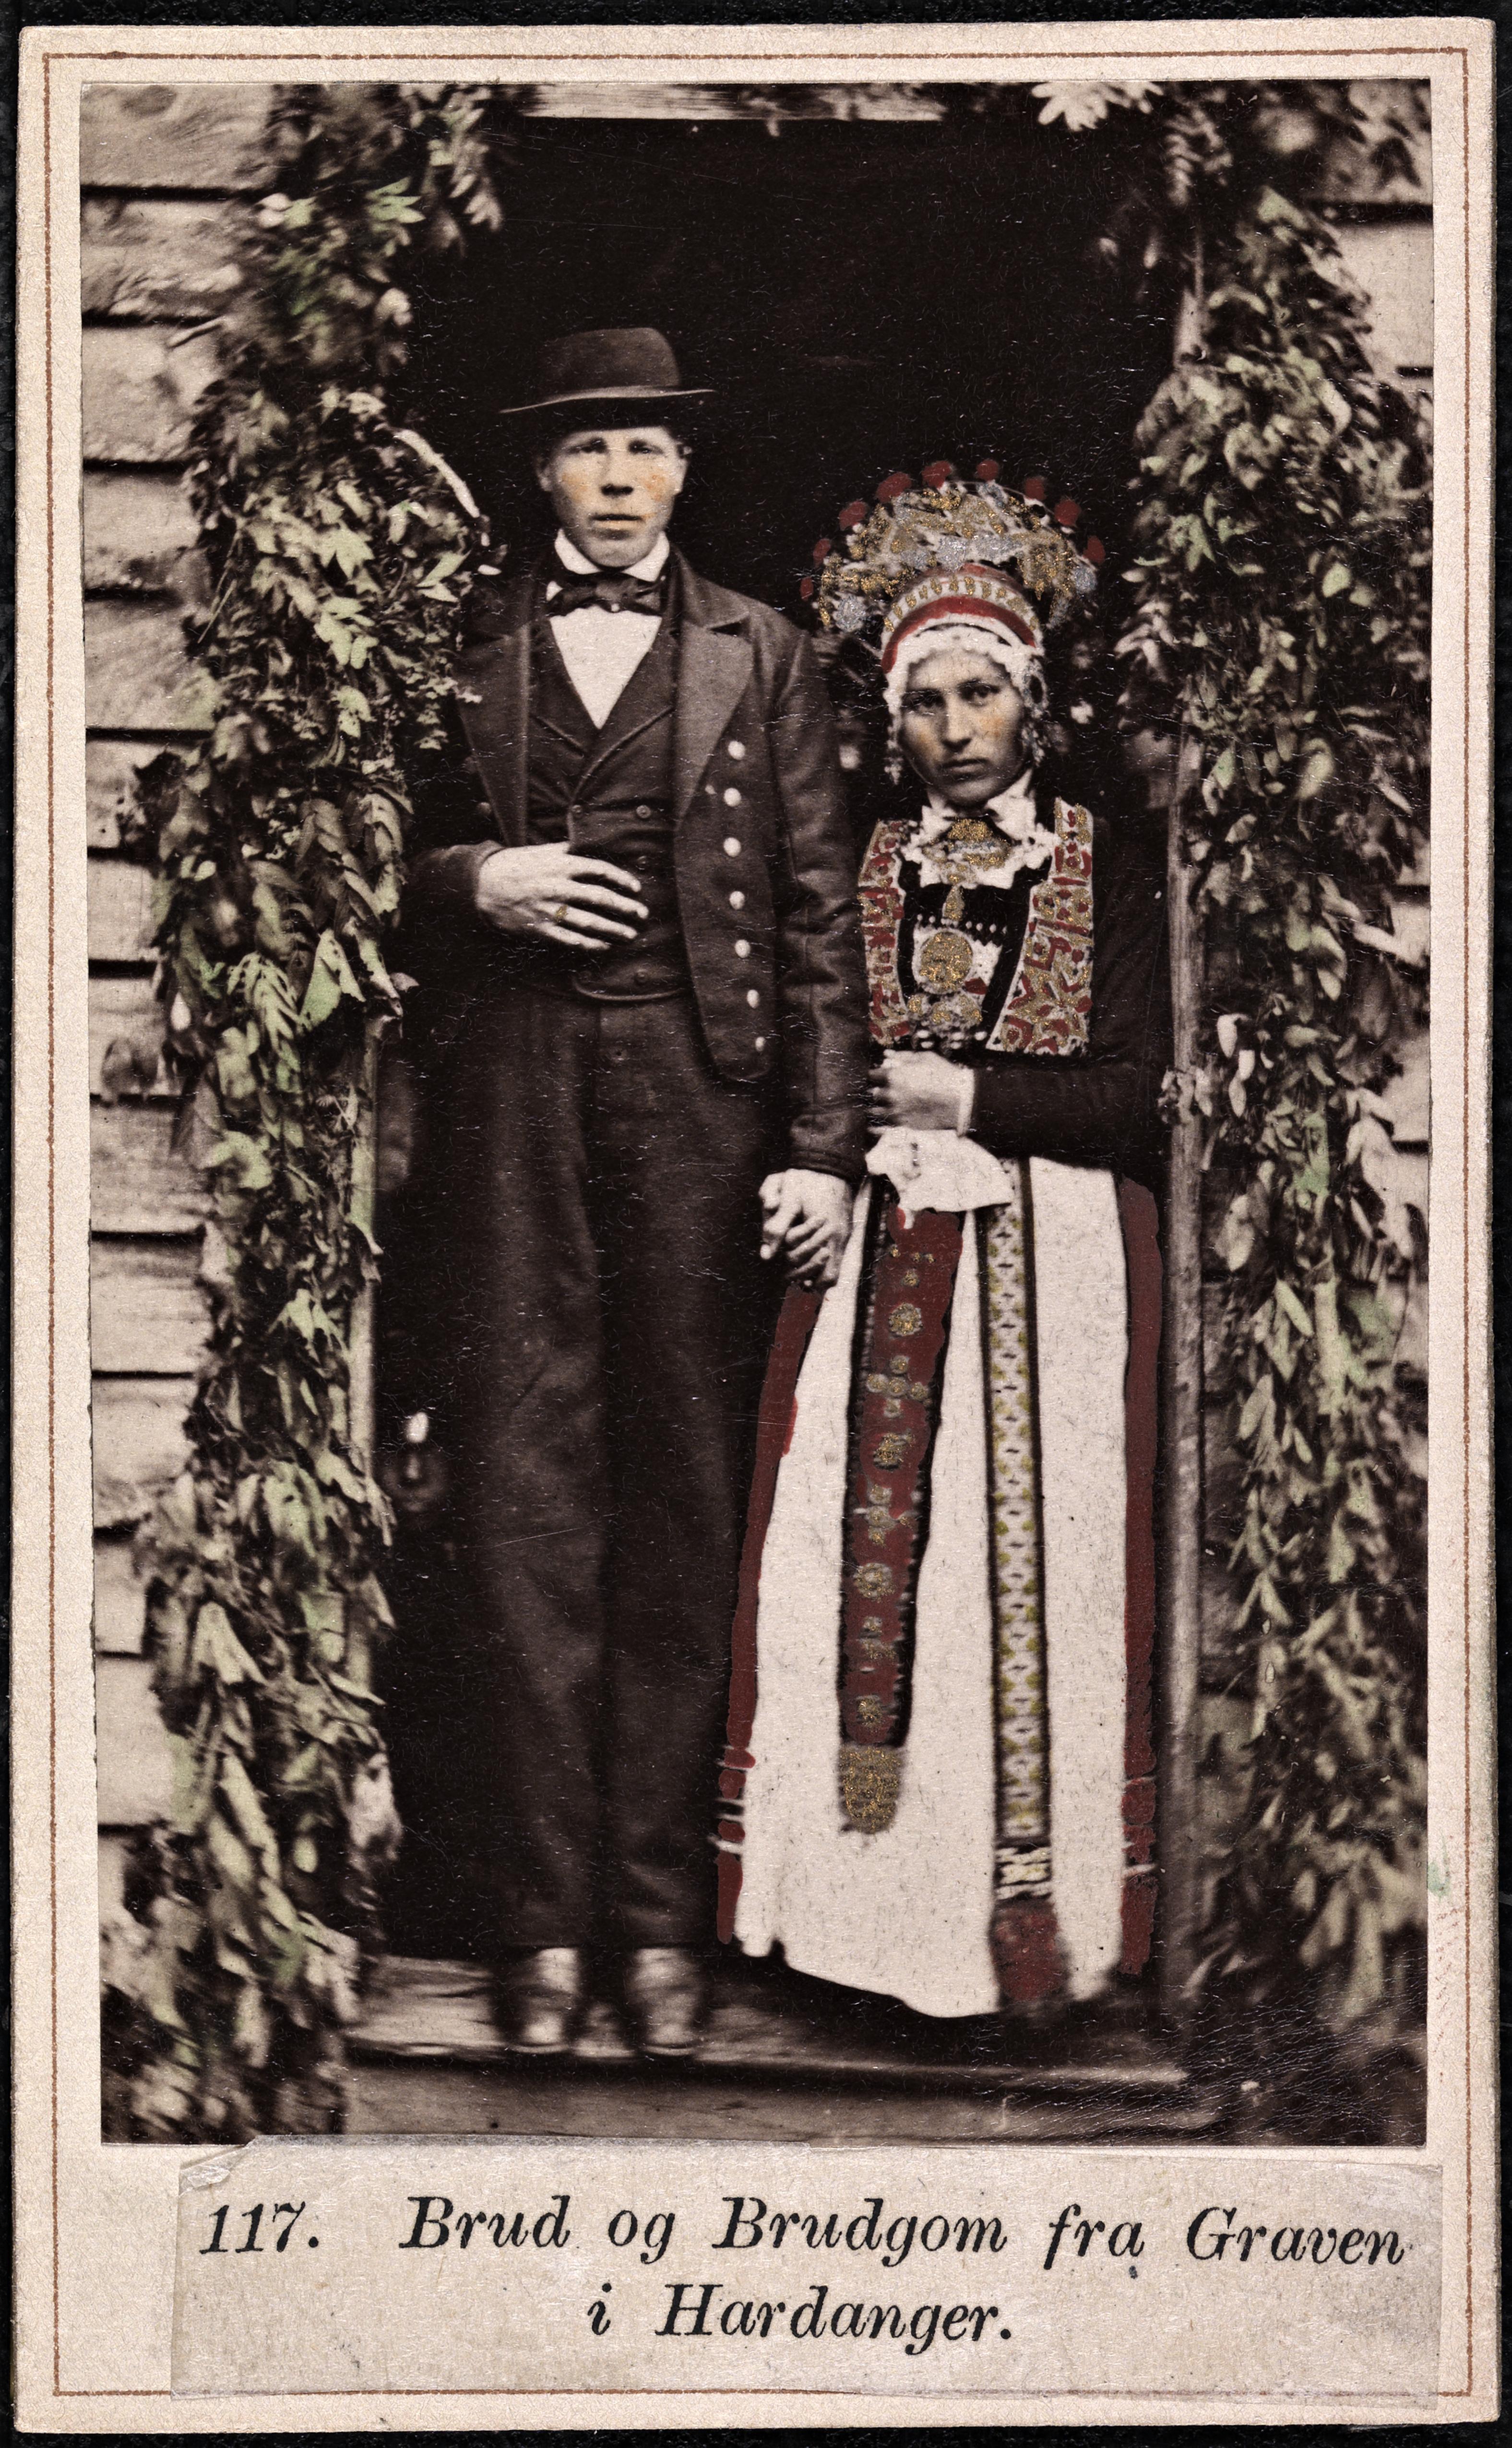 117. Brud og Brudgom fra Graven i Hardanger